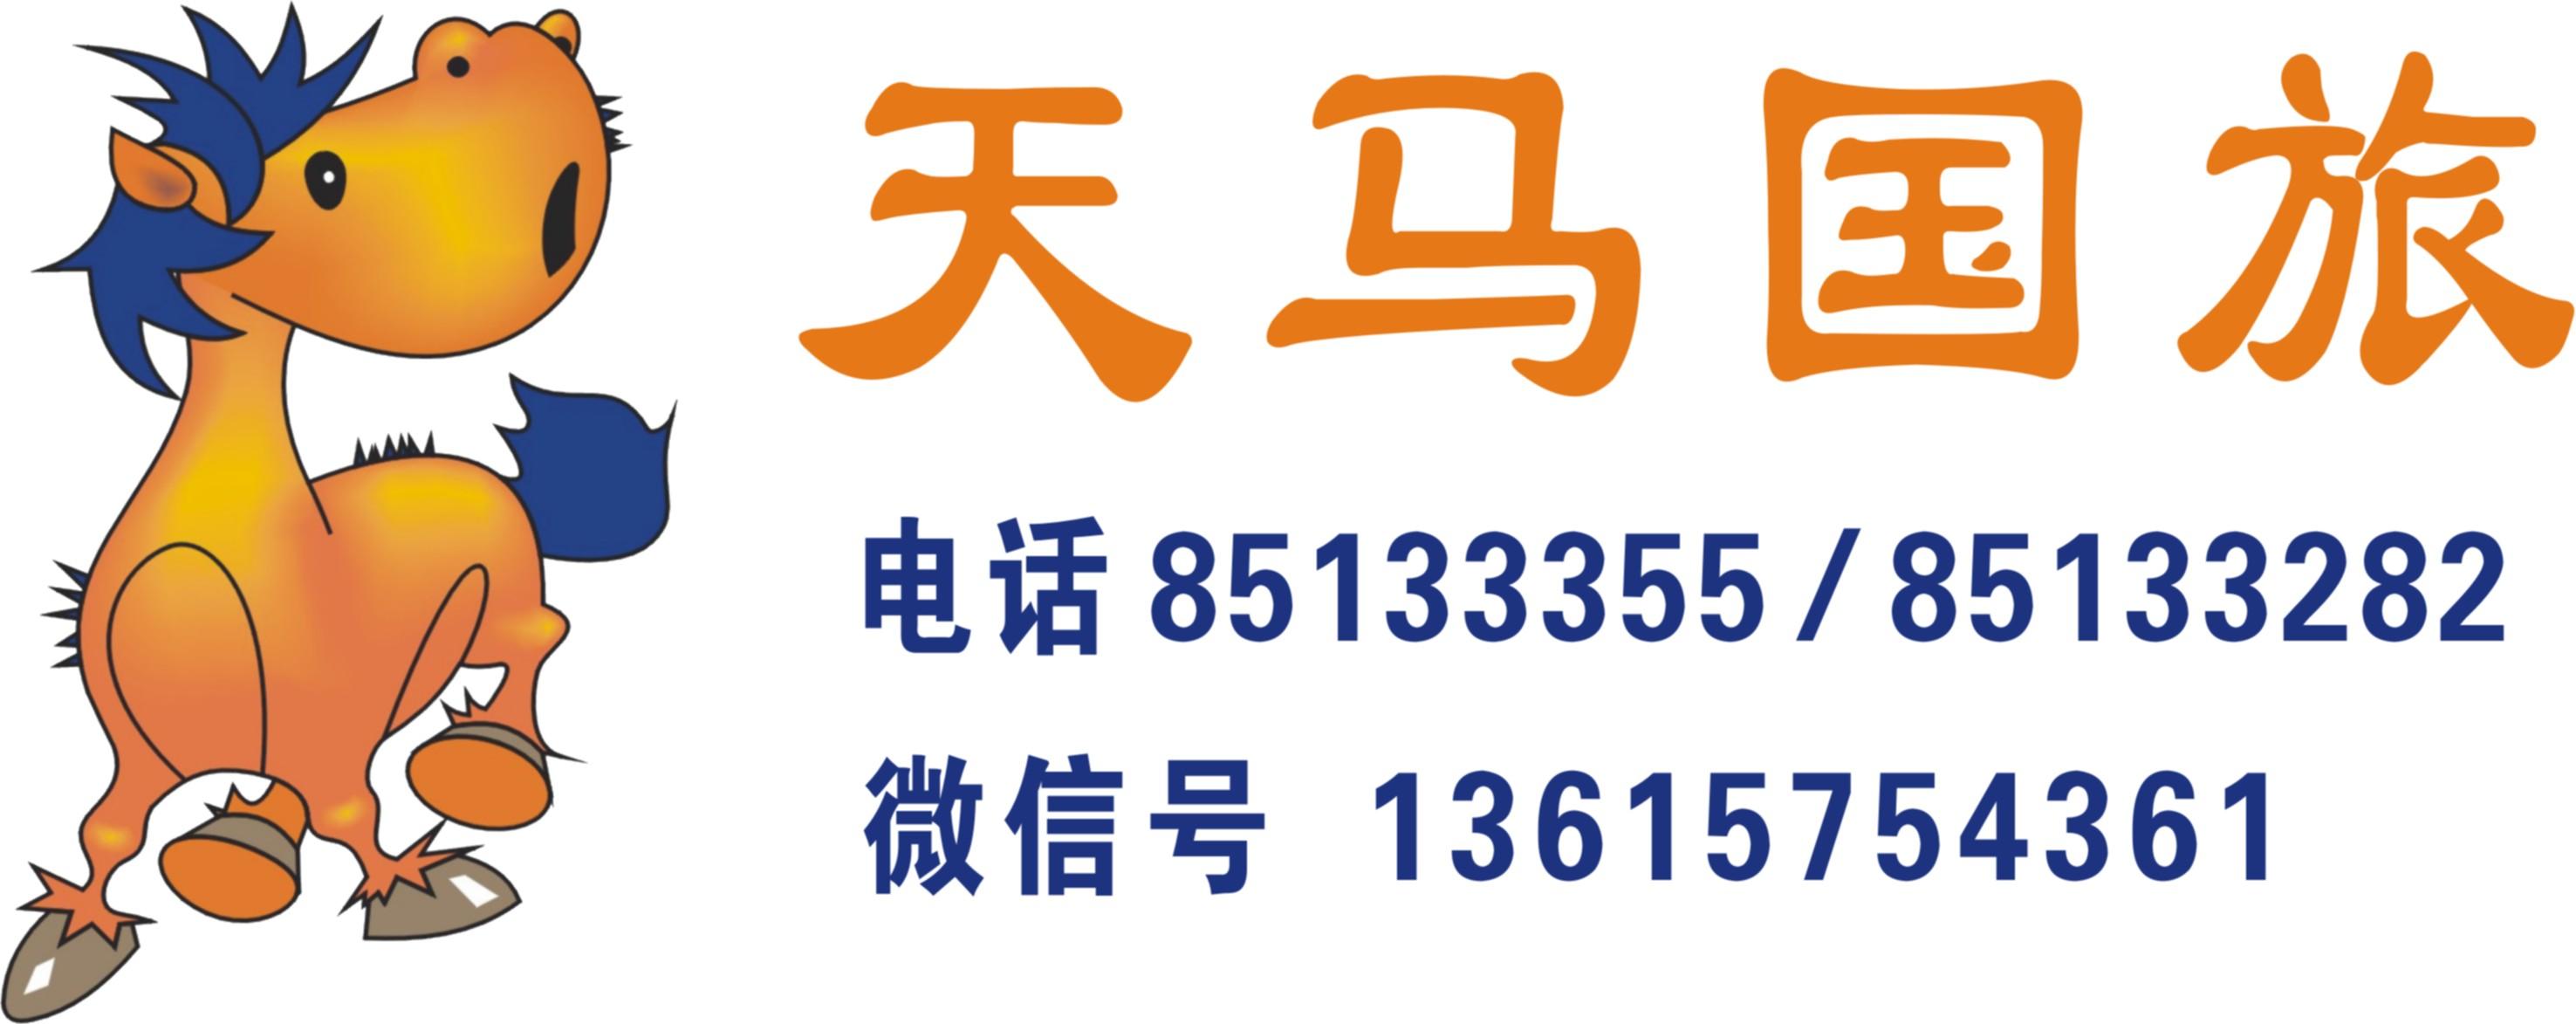 7-8月【诗画桂林—龙脊梯田、大漓江、银子岩双飞五日】